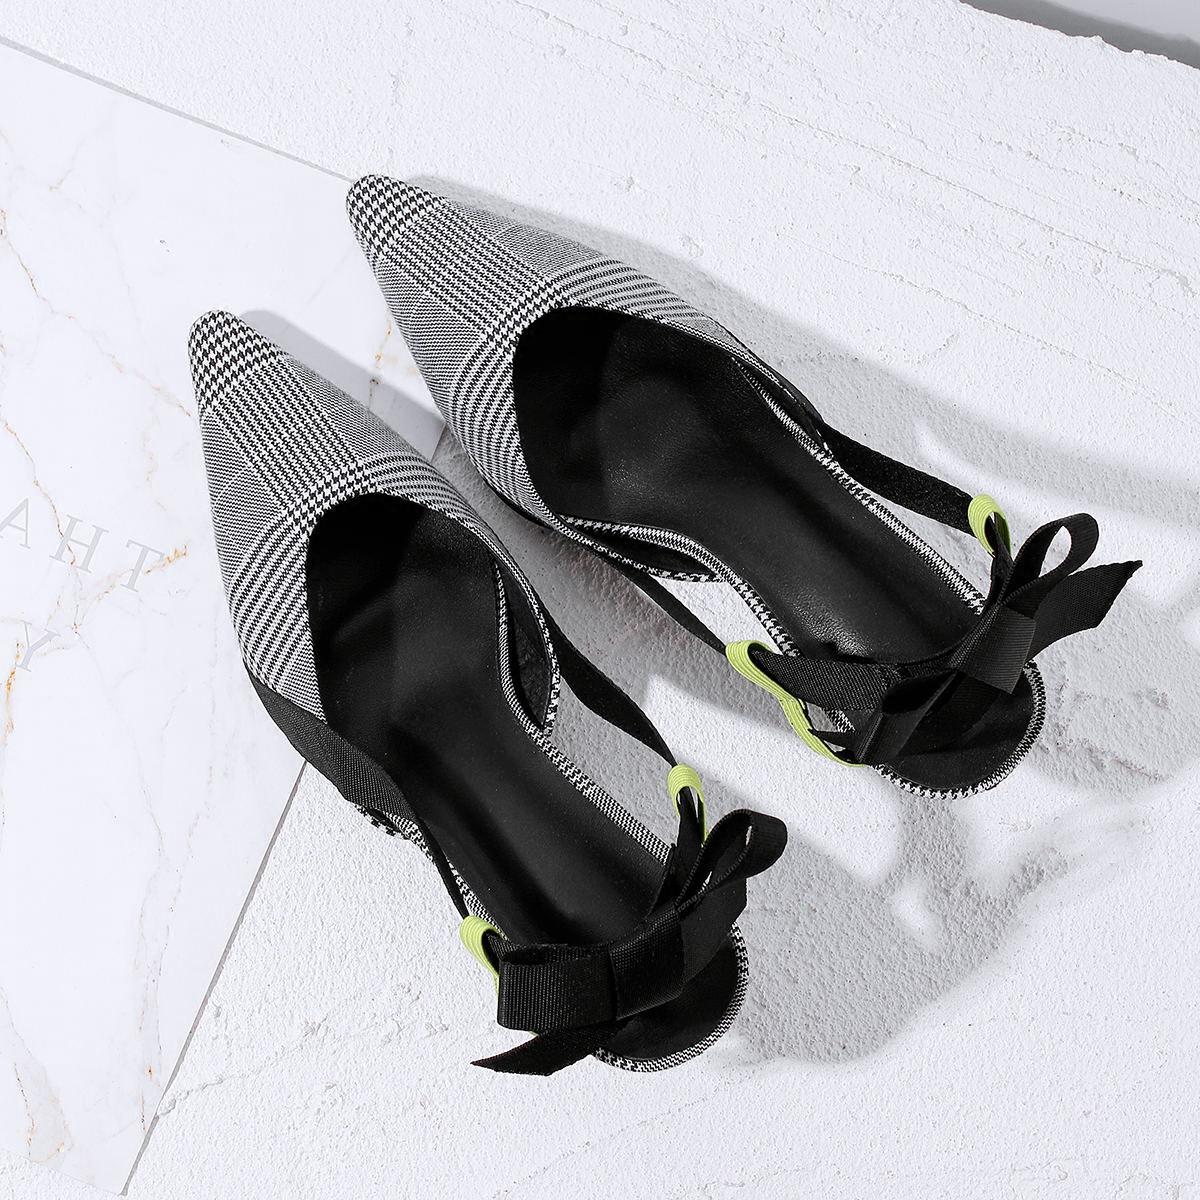 女性高跟鞋 春夏千鸟格子布尖头后空后绊带单鞋女优雅气质细跟高跟包头凉鞋女_推荐淘宝好看的女高跟鞋